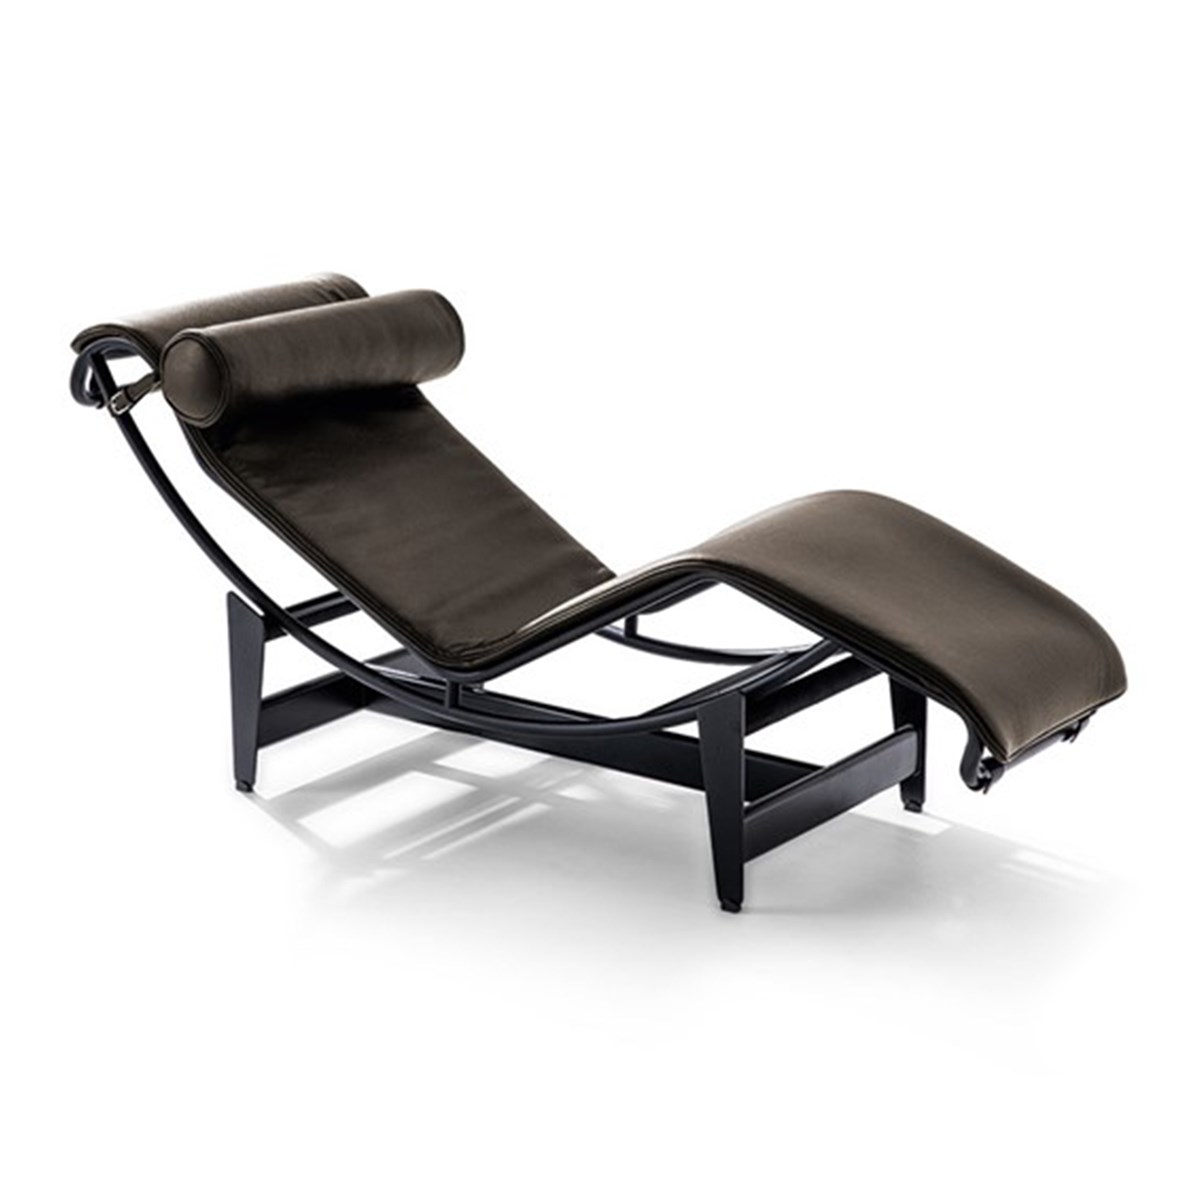 Cassina-Le-Corbusier-Pierre-Jeanneret-Charlotte-Perriand-LC4-Noir-Chaise-Longue-Matisse-1